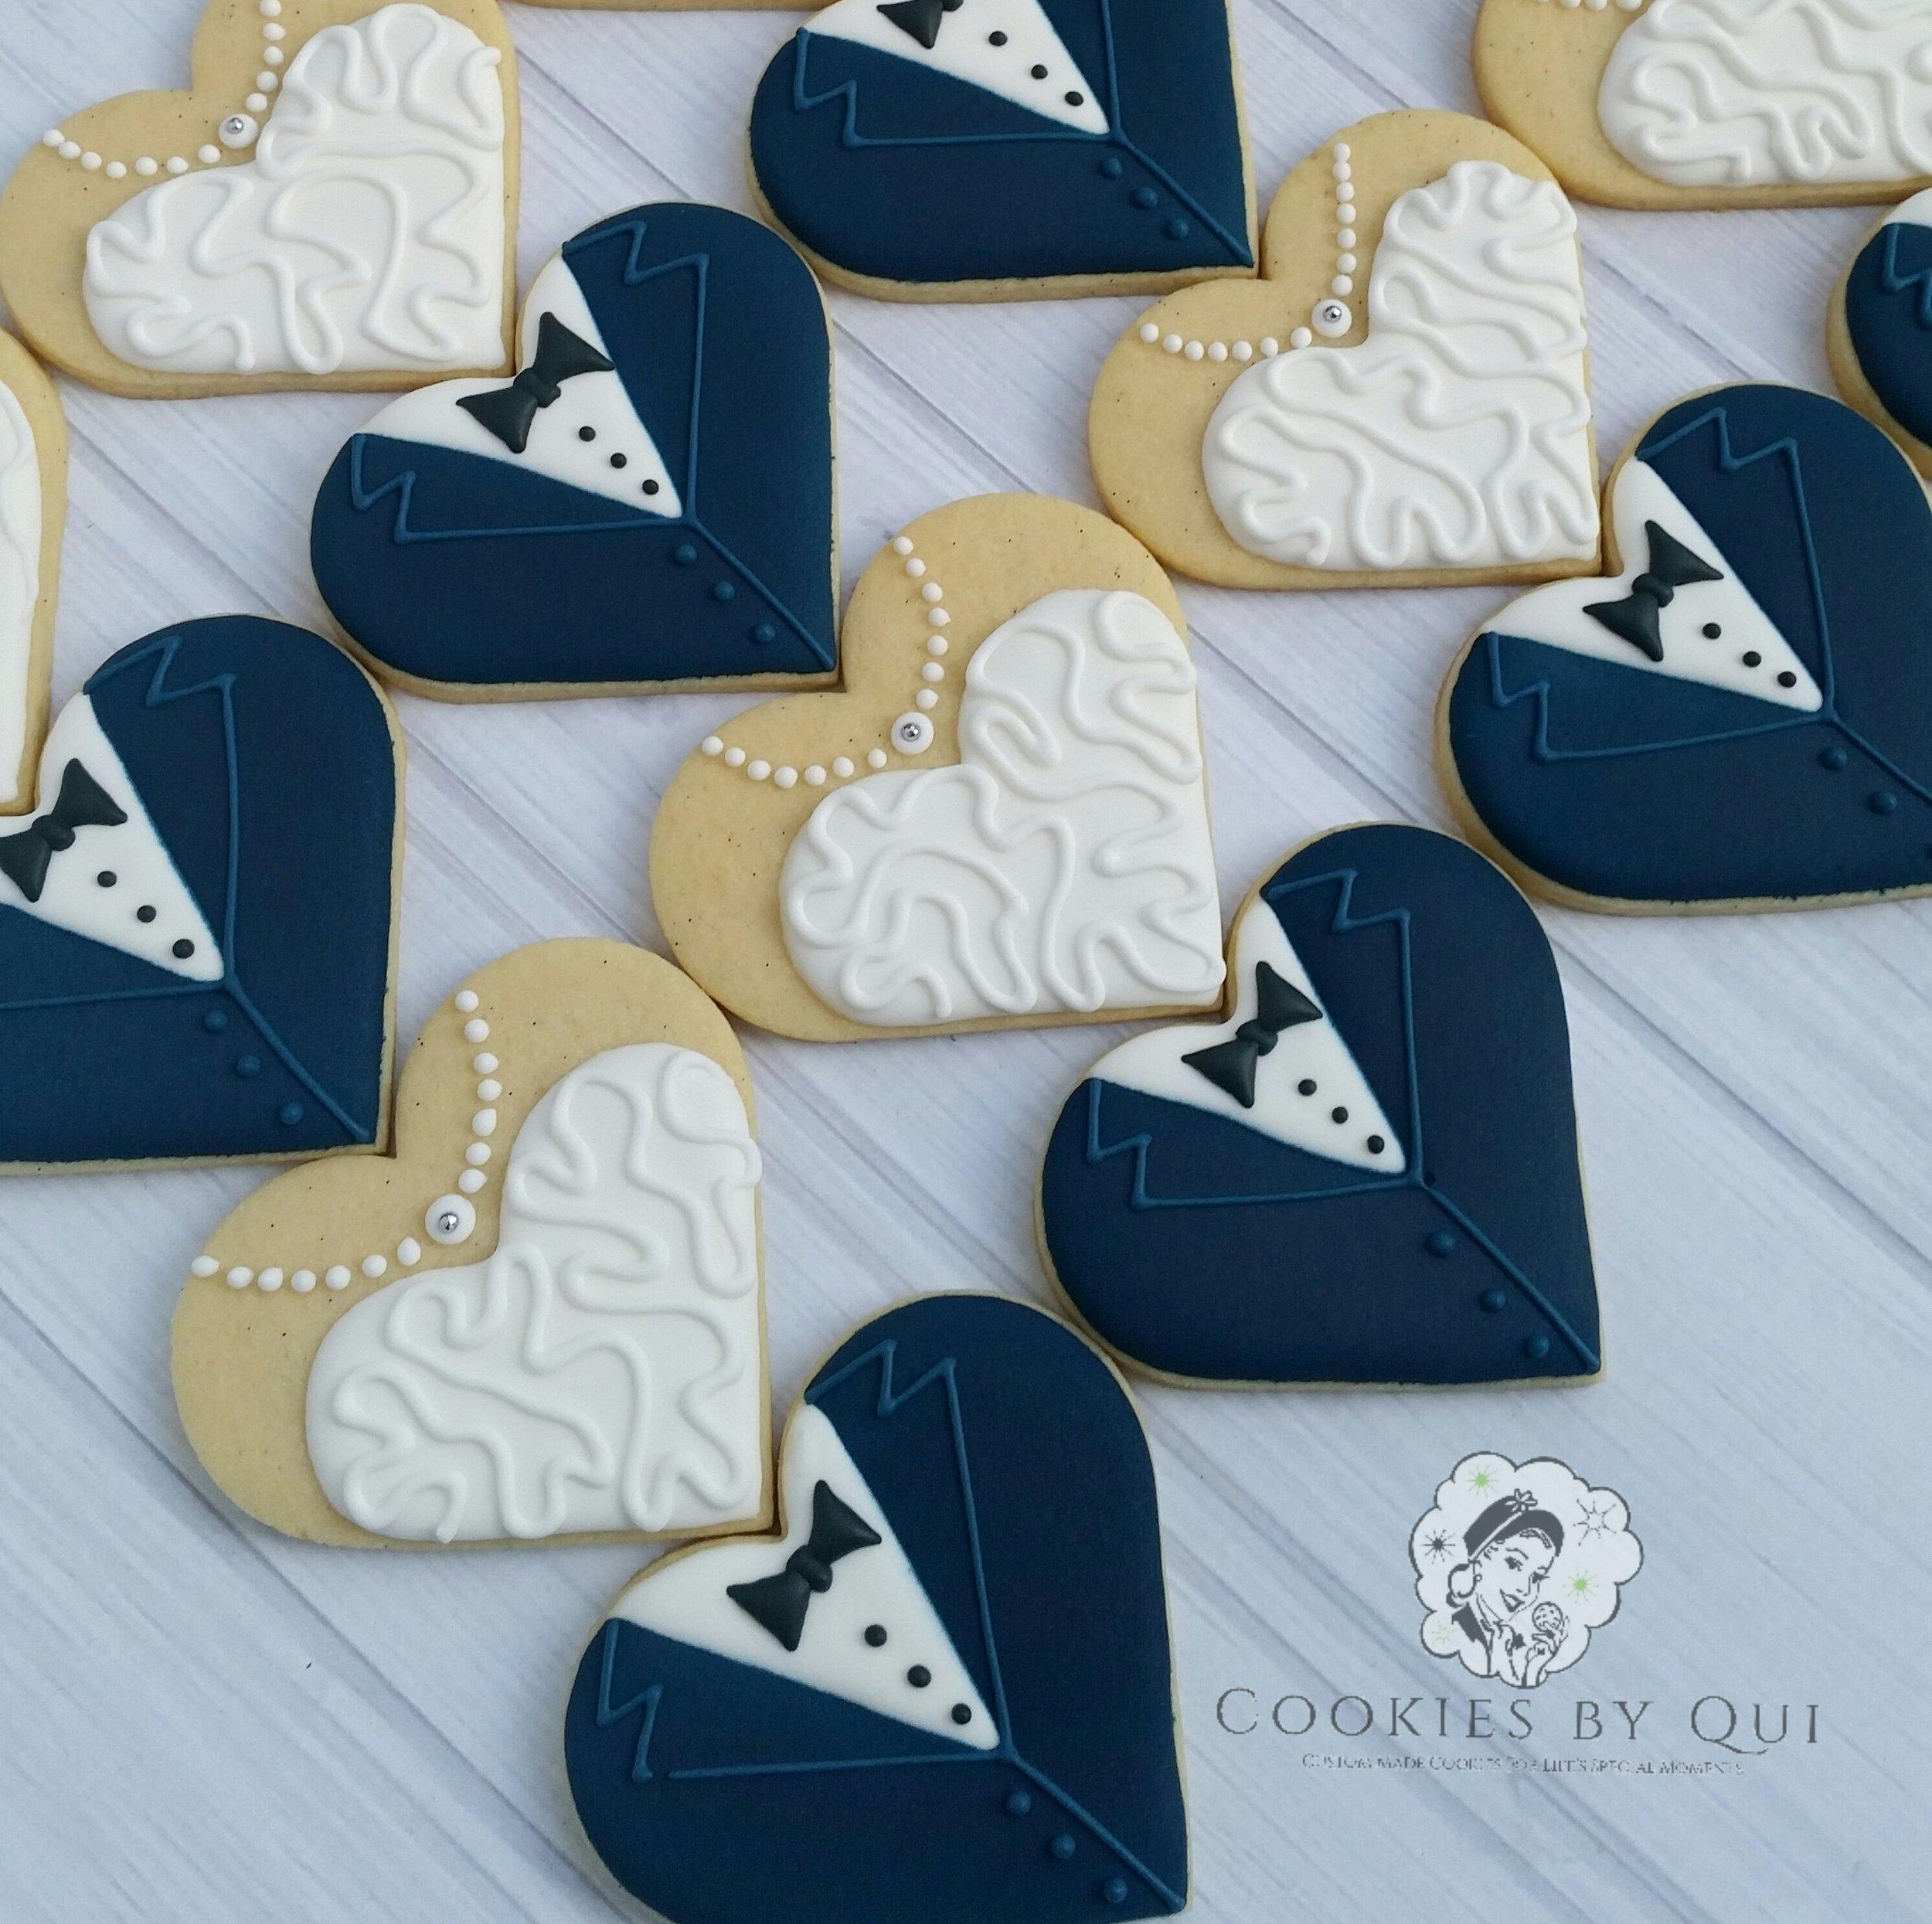 Classic Bride and Navy Groom Engagement Wedding Cookies - Cookies by Qui Geelong.jpg